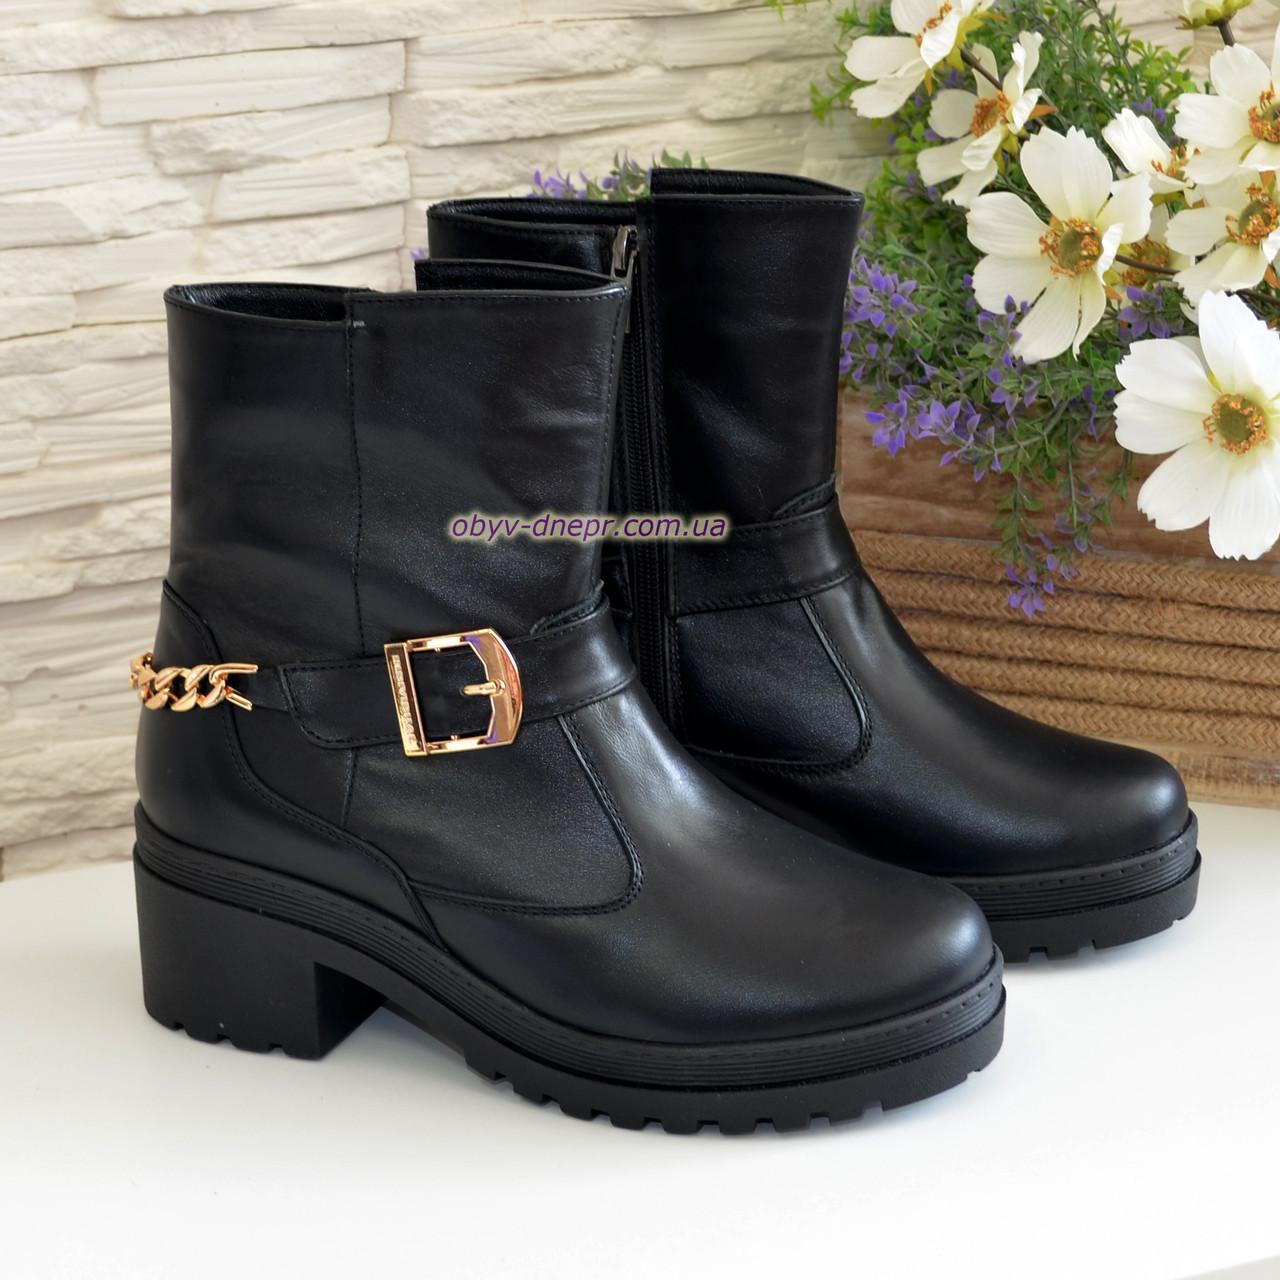 Ботинки кожаные черные женские зимние на устойчивом каблуке, декорированы цепью и ремешком. 37 размер